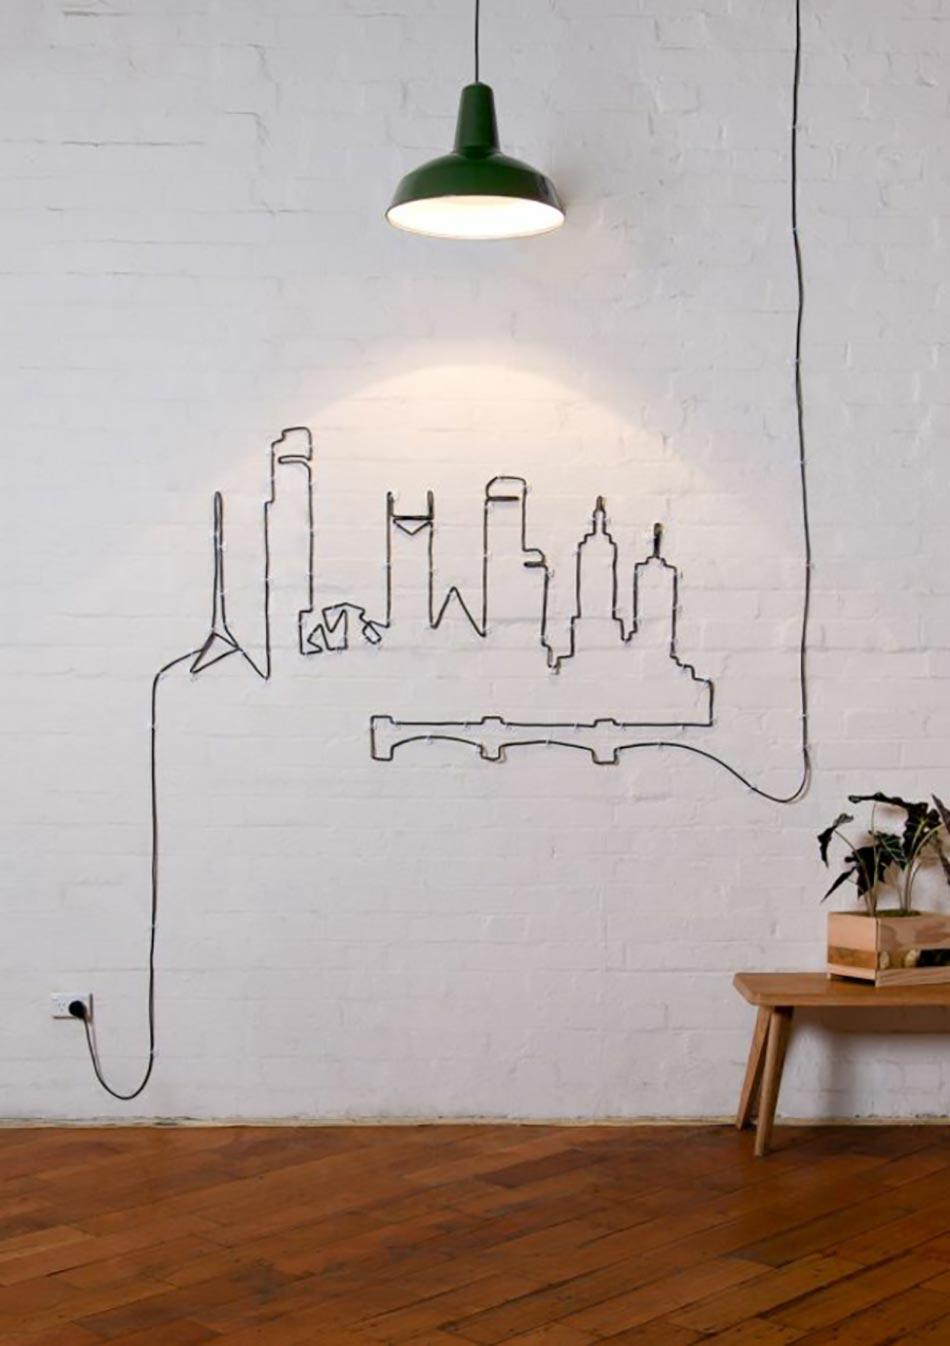 D coration murale l aide de c bles lectriques - Decoration photo murale ...